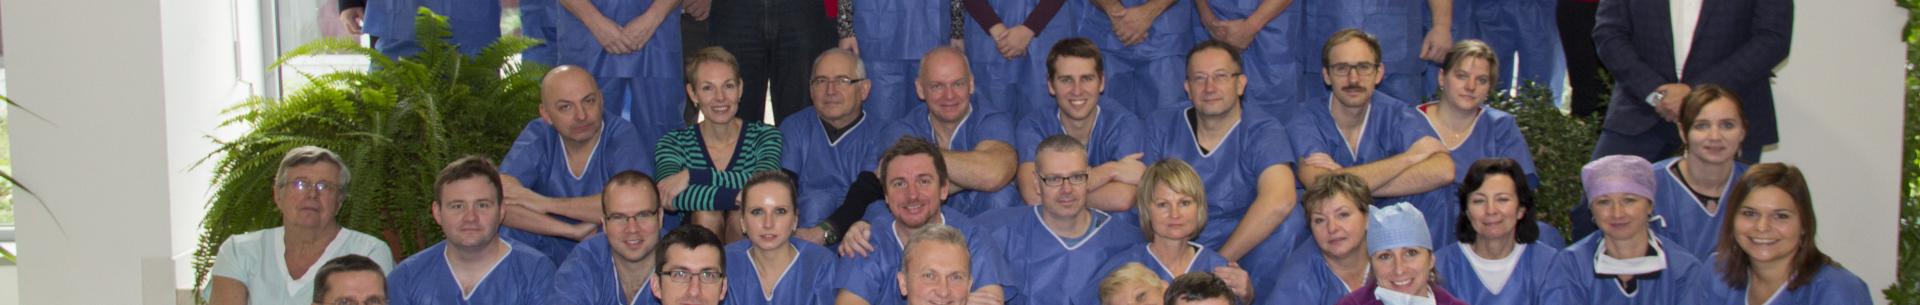 Preparační ORL kurz chirurgie nosu aparanazálních dutin smezinárodní účastí